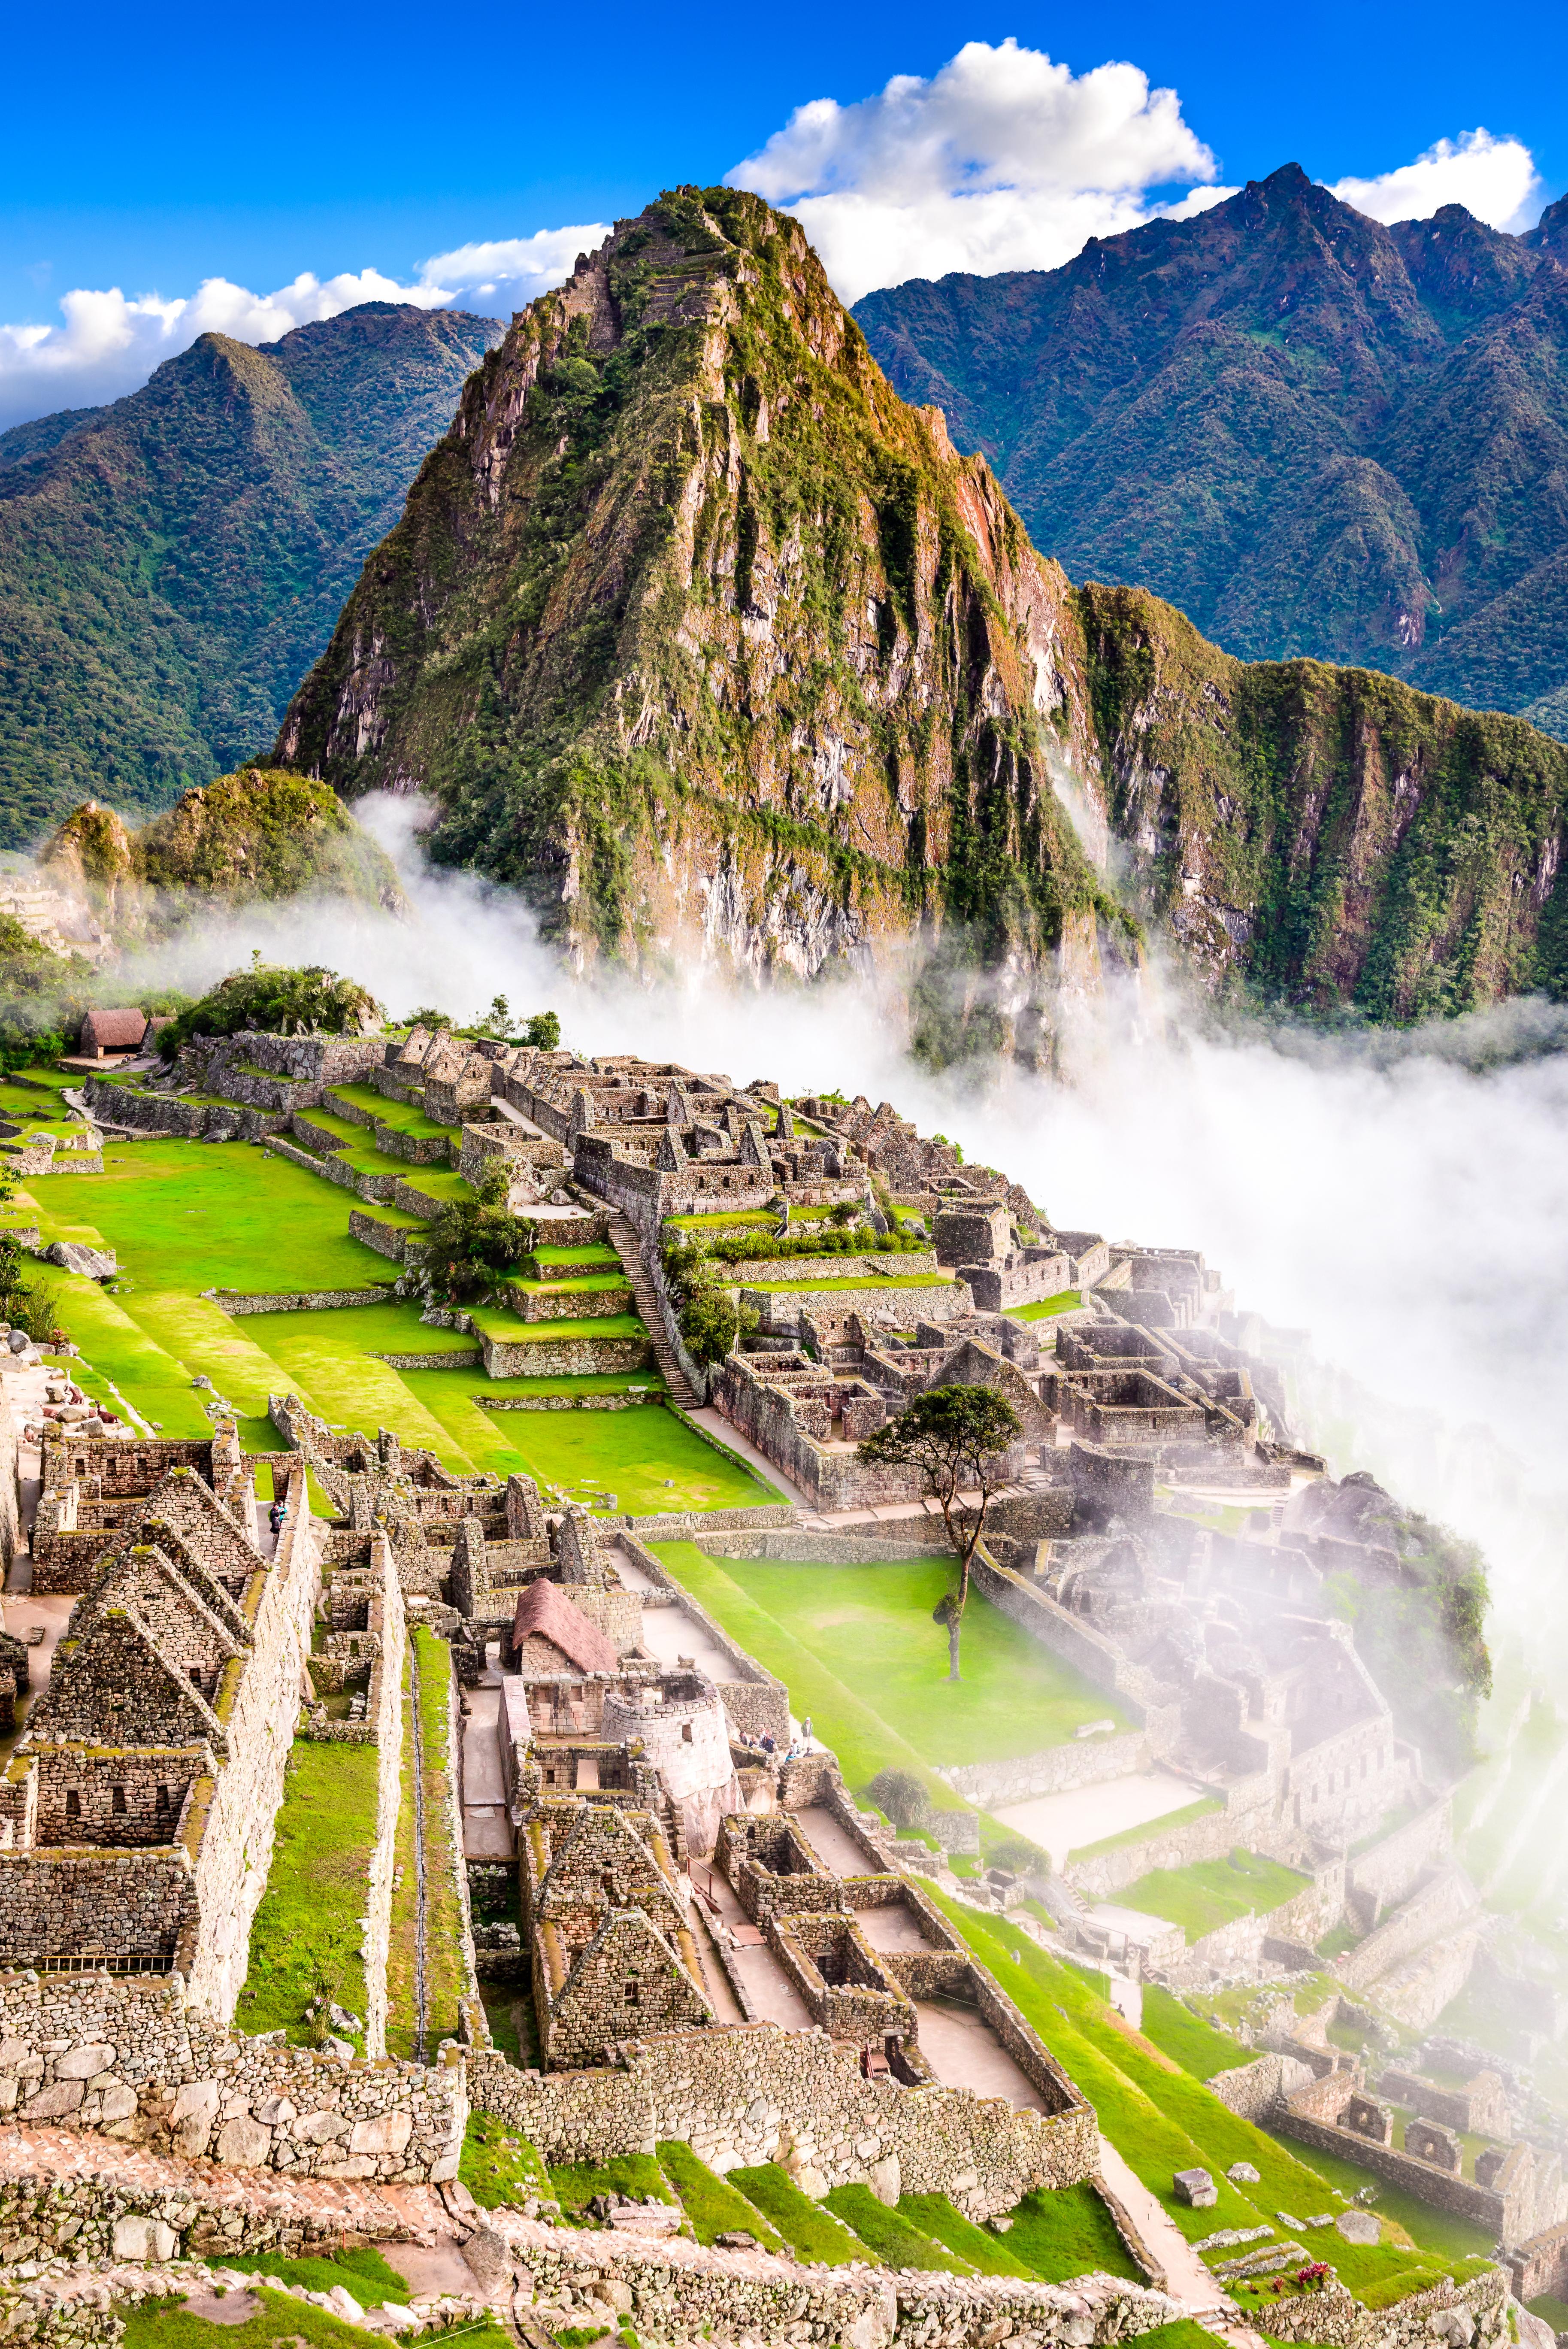 Machu Picchu, Peru - Ruins of Inca Empir